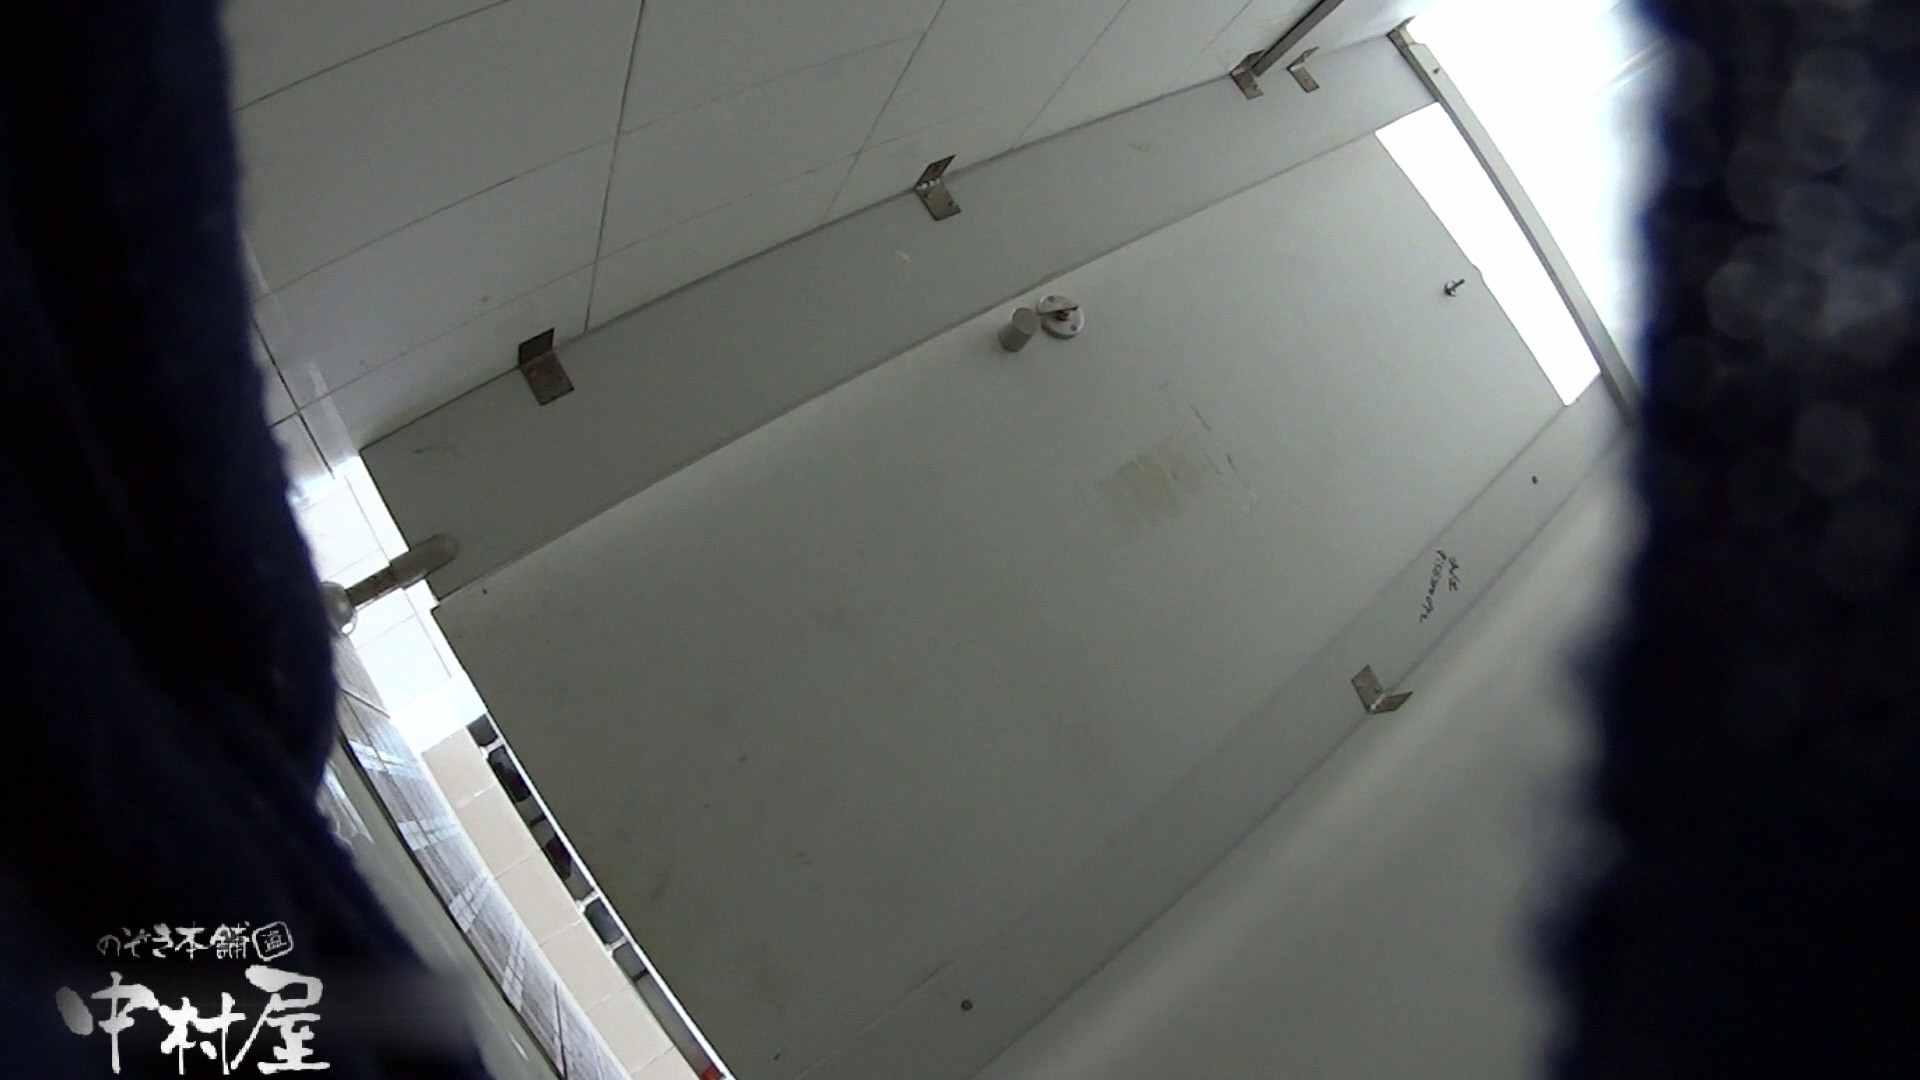 うんこがとても綺麗に出ています!有名大学休憩時間の洗面所事情05 ギャルのうんこ AV動画キャプチャ 112連発 4